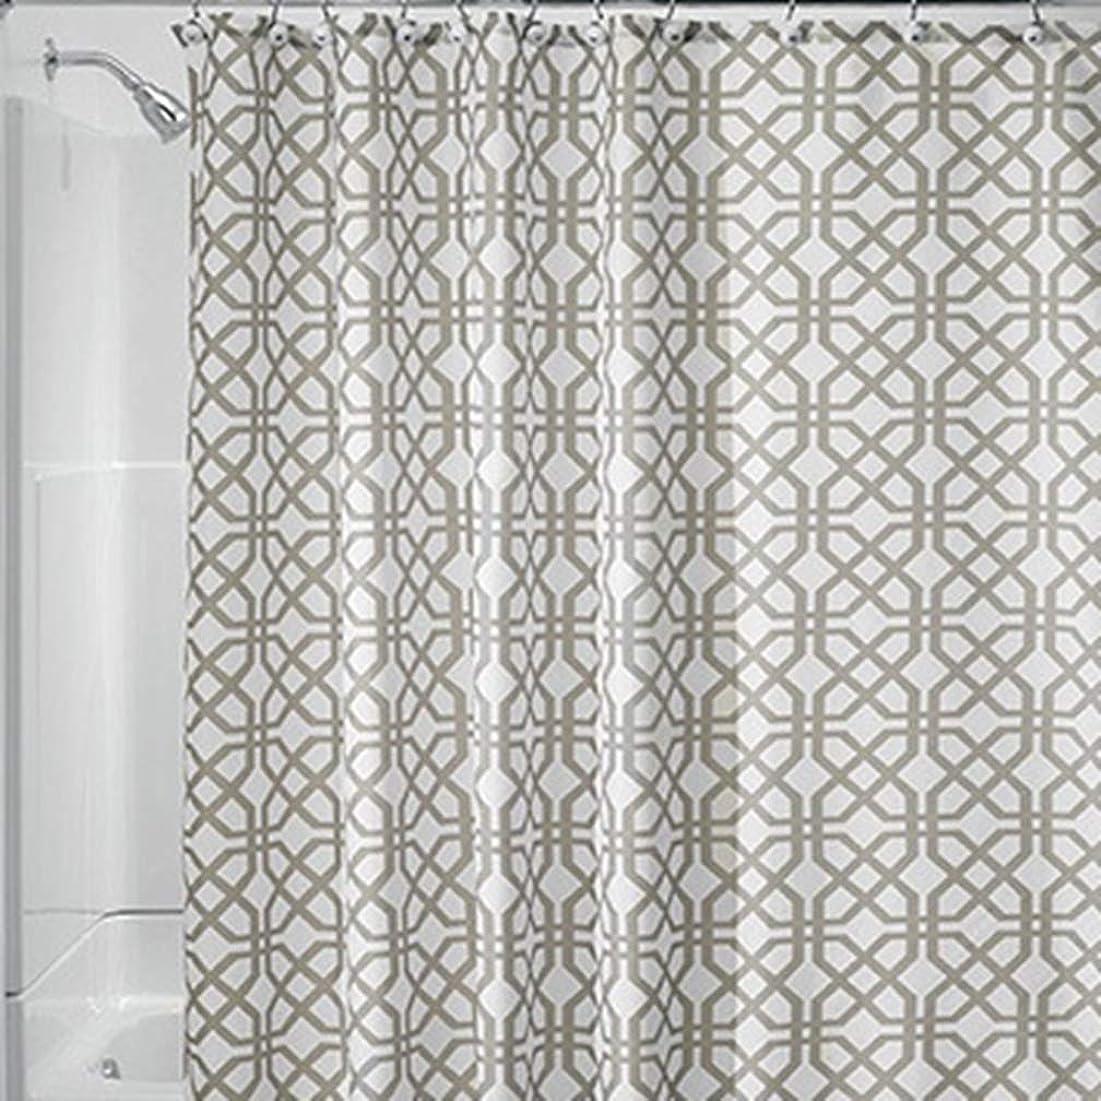 あなたが良くなります前部石鹸[スンル]シャワーカーテン 180*180cm バスカーテン お風呂バス お風呂カーテン 間仕切り 防水 防カビ リング付属 おしゃれ 速乾 軽量 取付簡単 洗面所 浴室 ブラウン